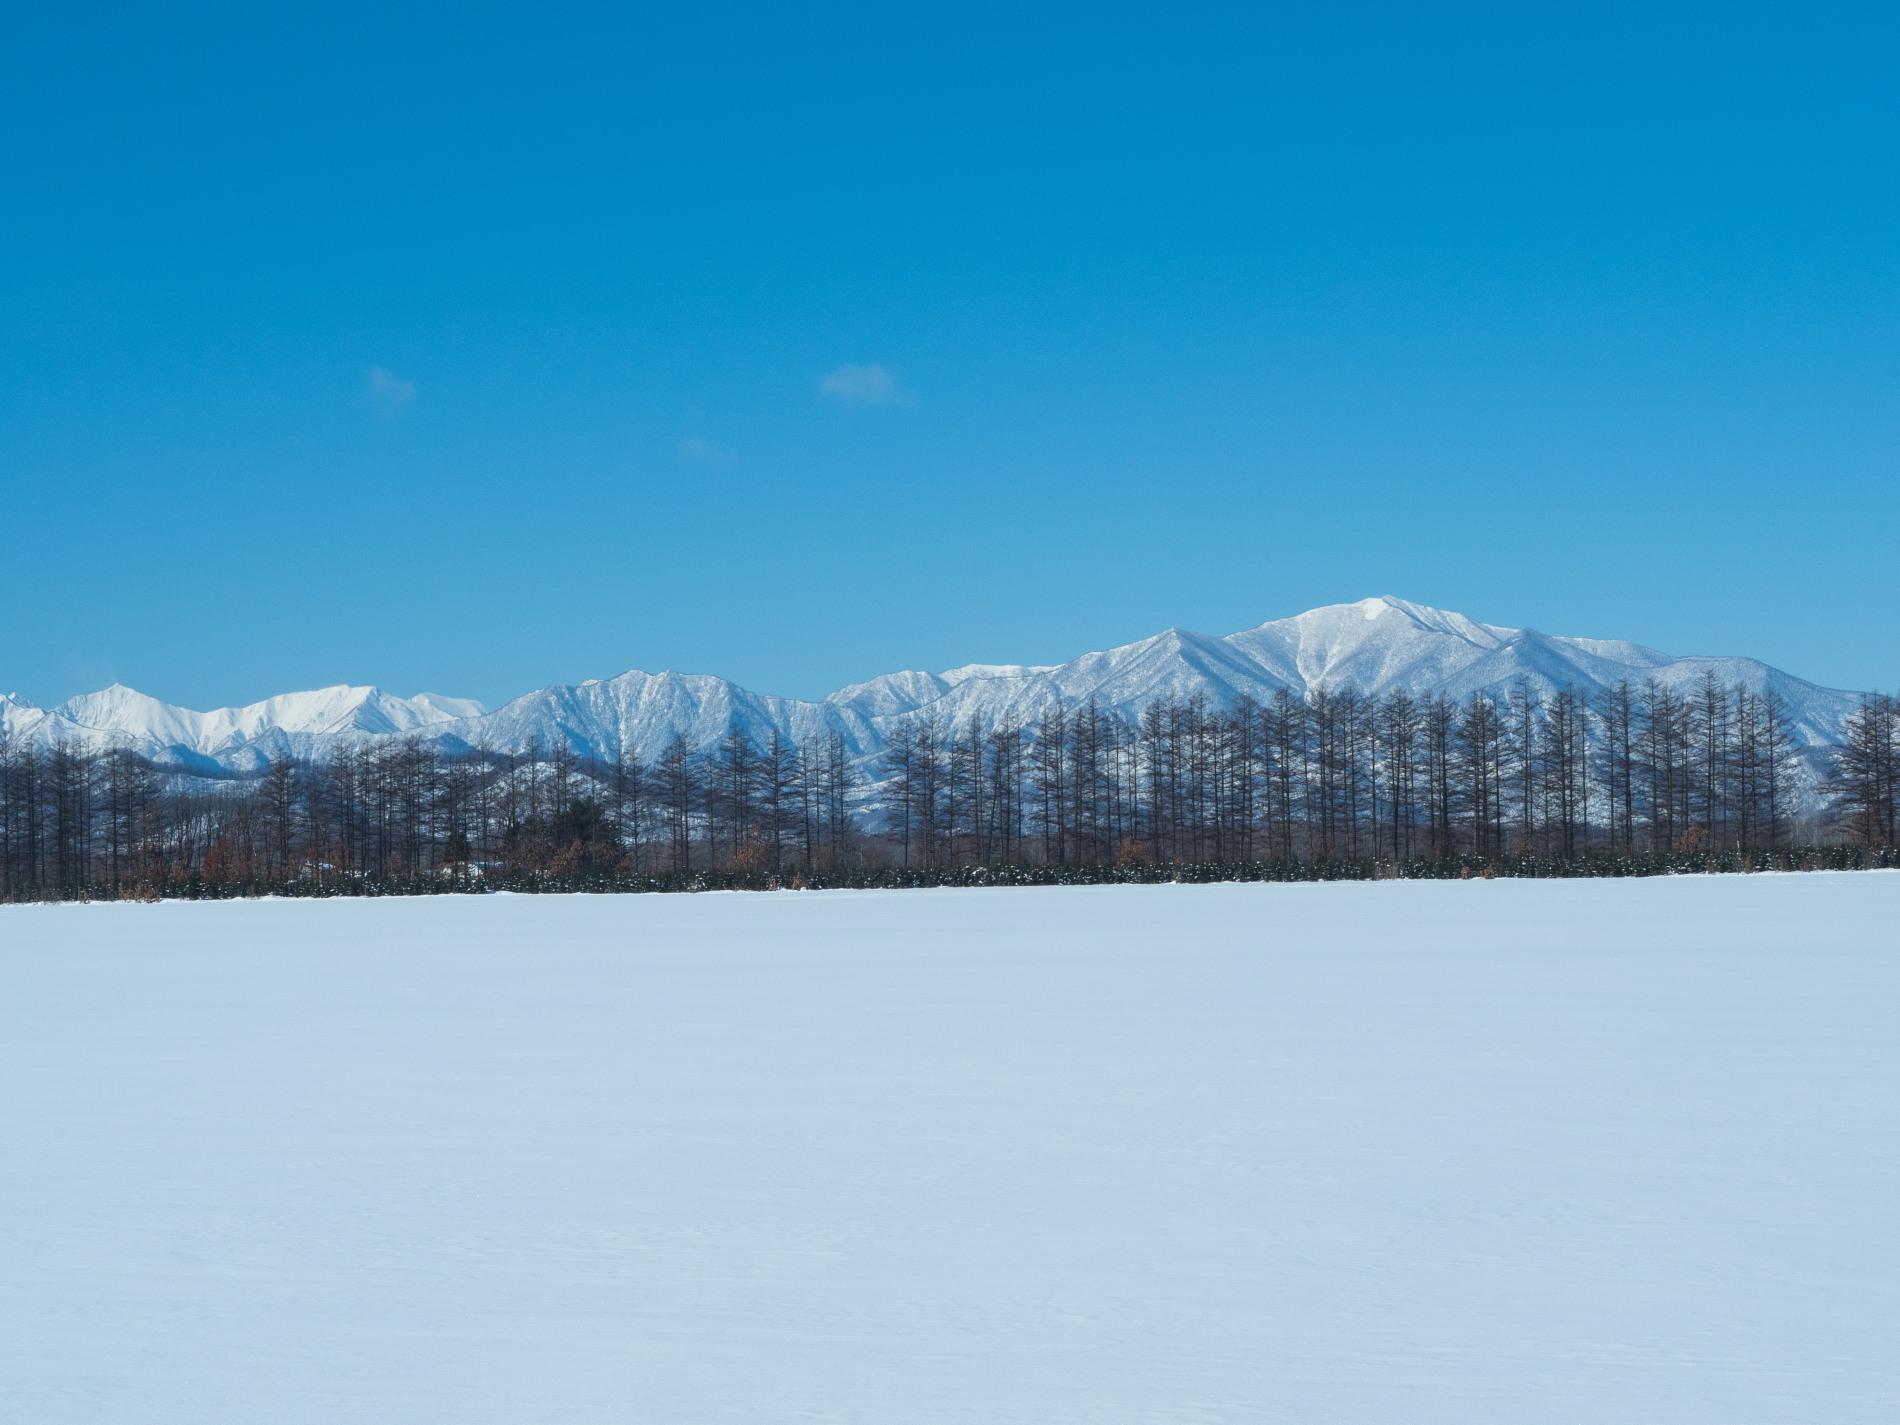 今季最高の冷え込み・・快晴で日高山脈がきれいに望めます。_f0276498_11362911.jpg